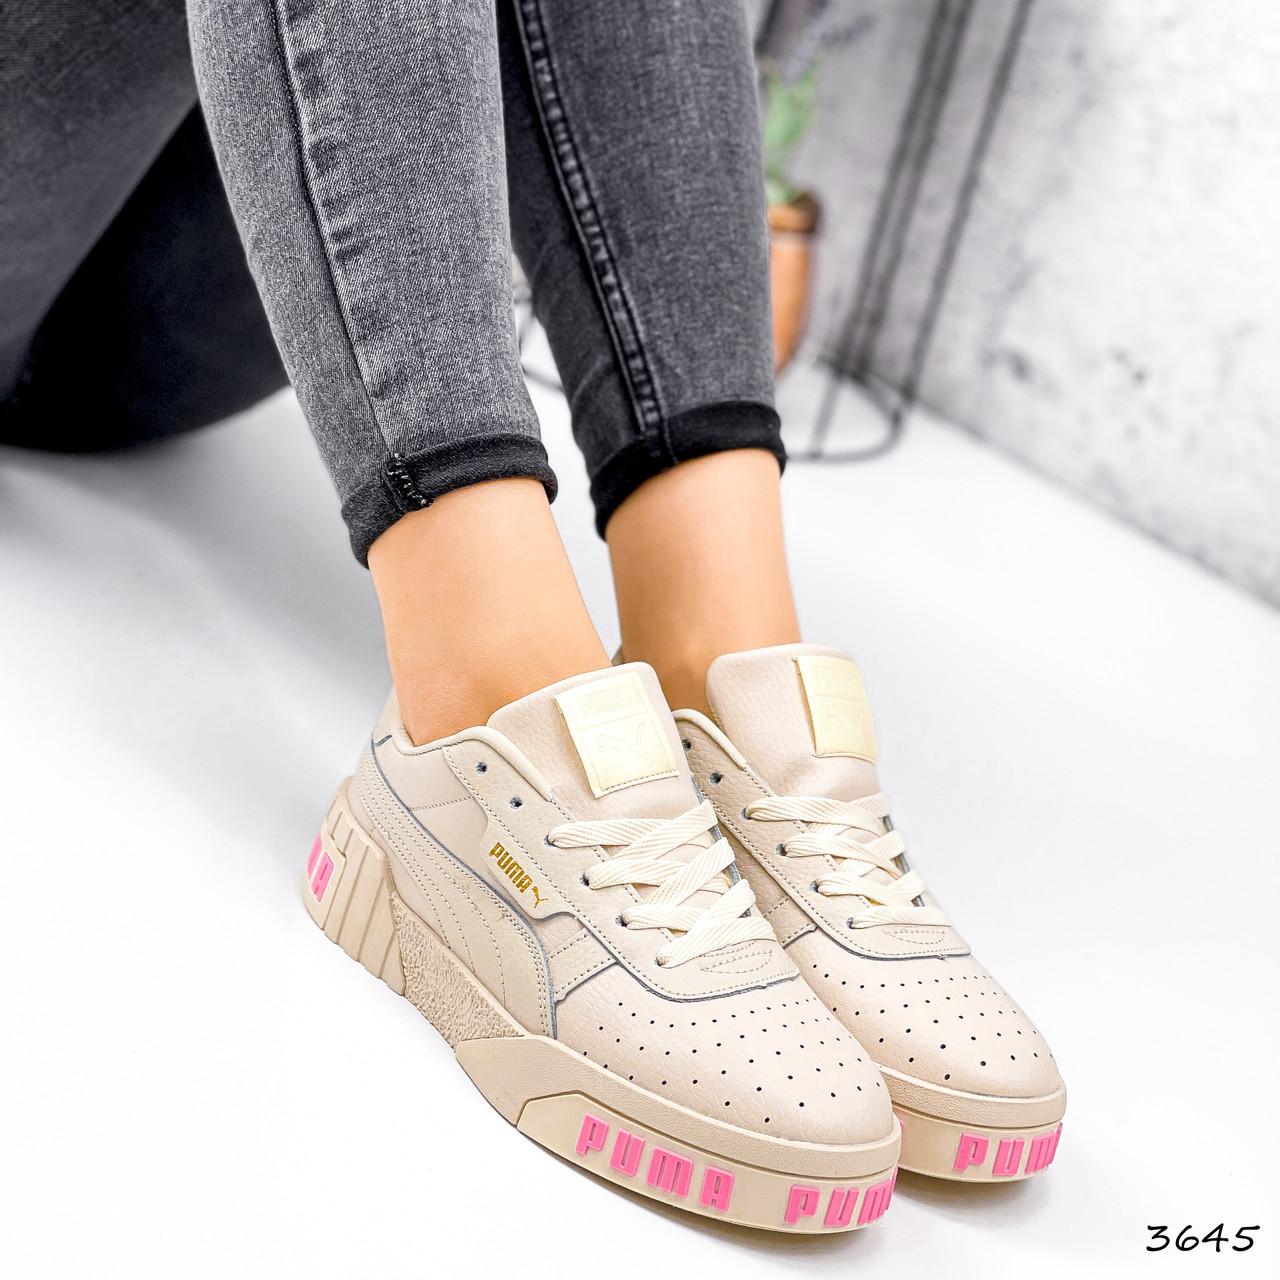 Кроссовки женские в стиле Puma беж + персиковый 3645